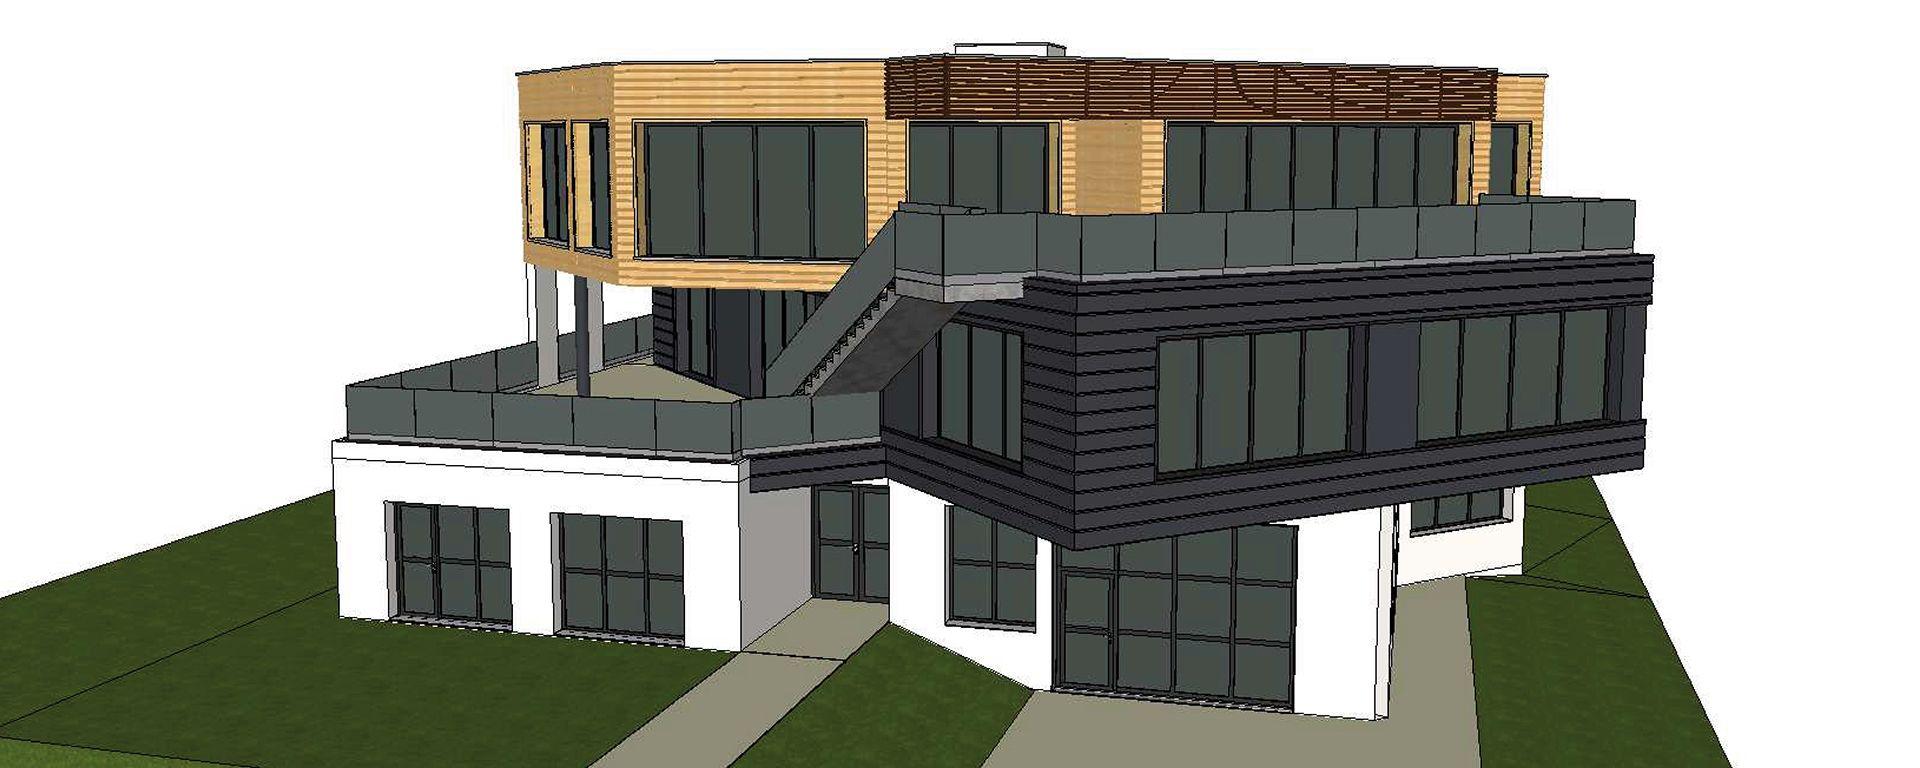 HAM France - Nouveau bâtiment R&D